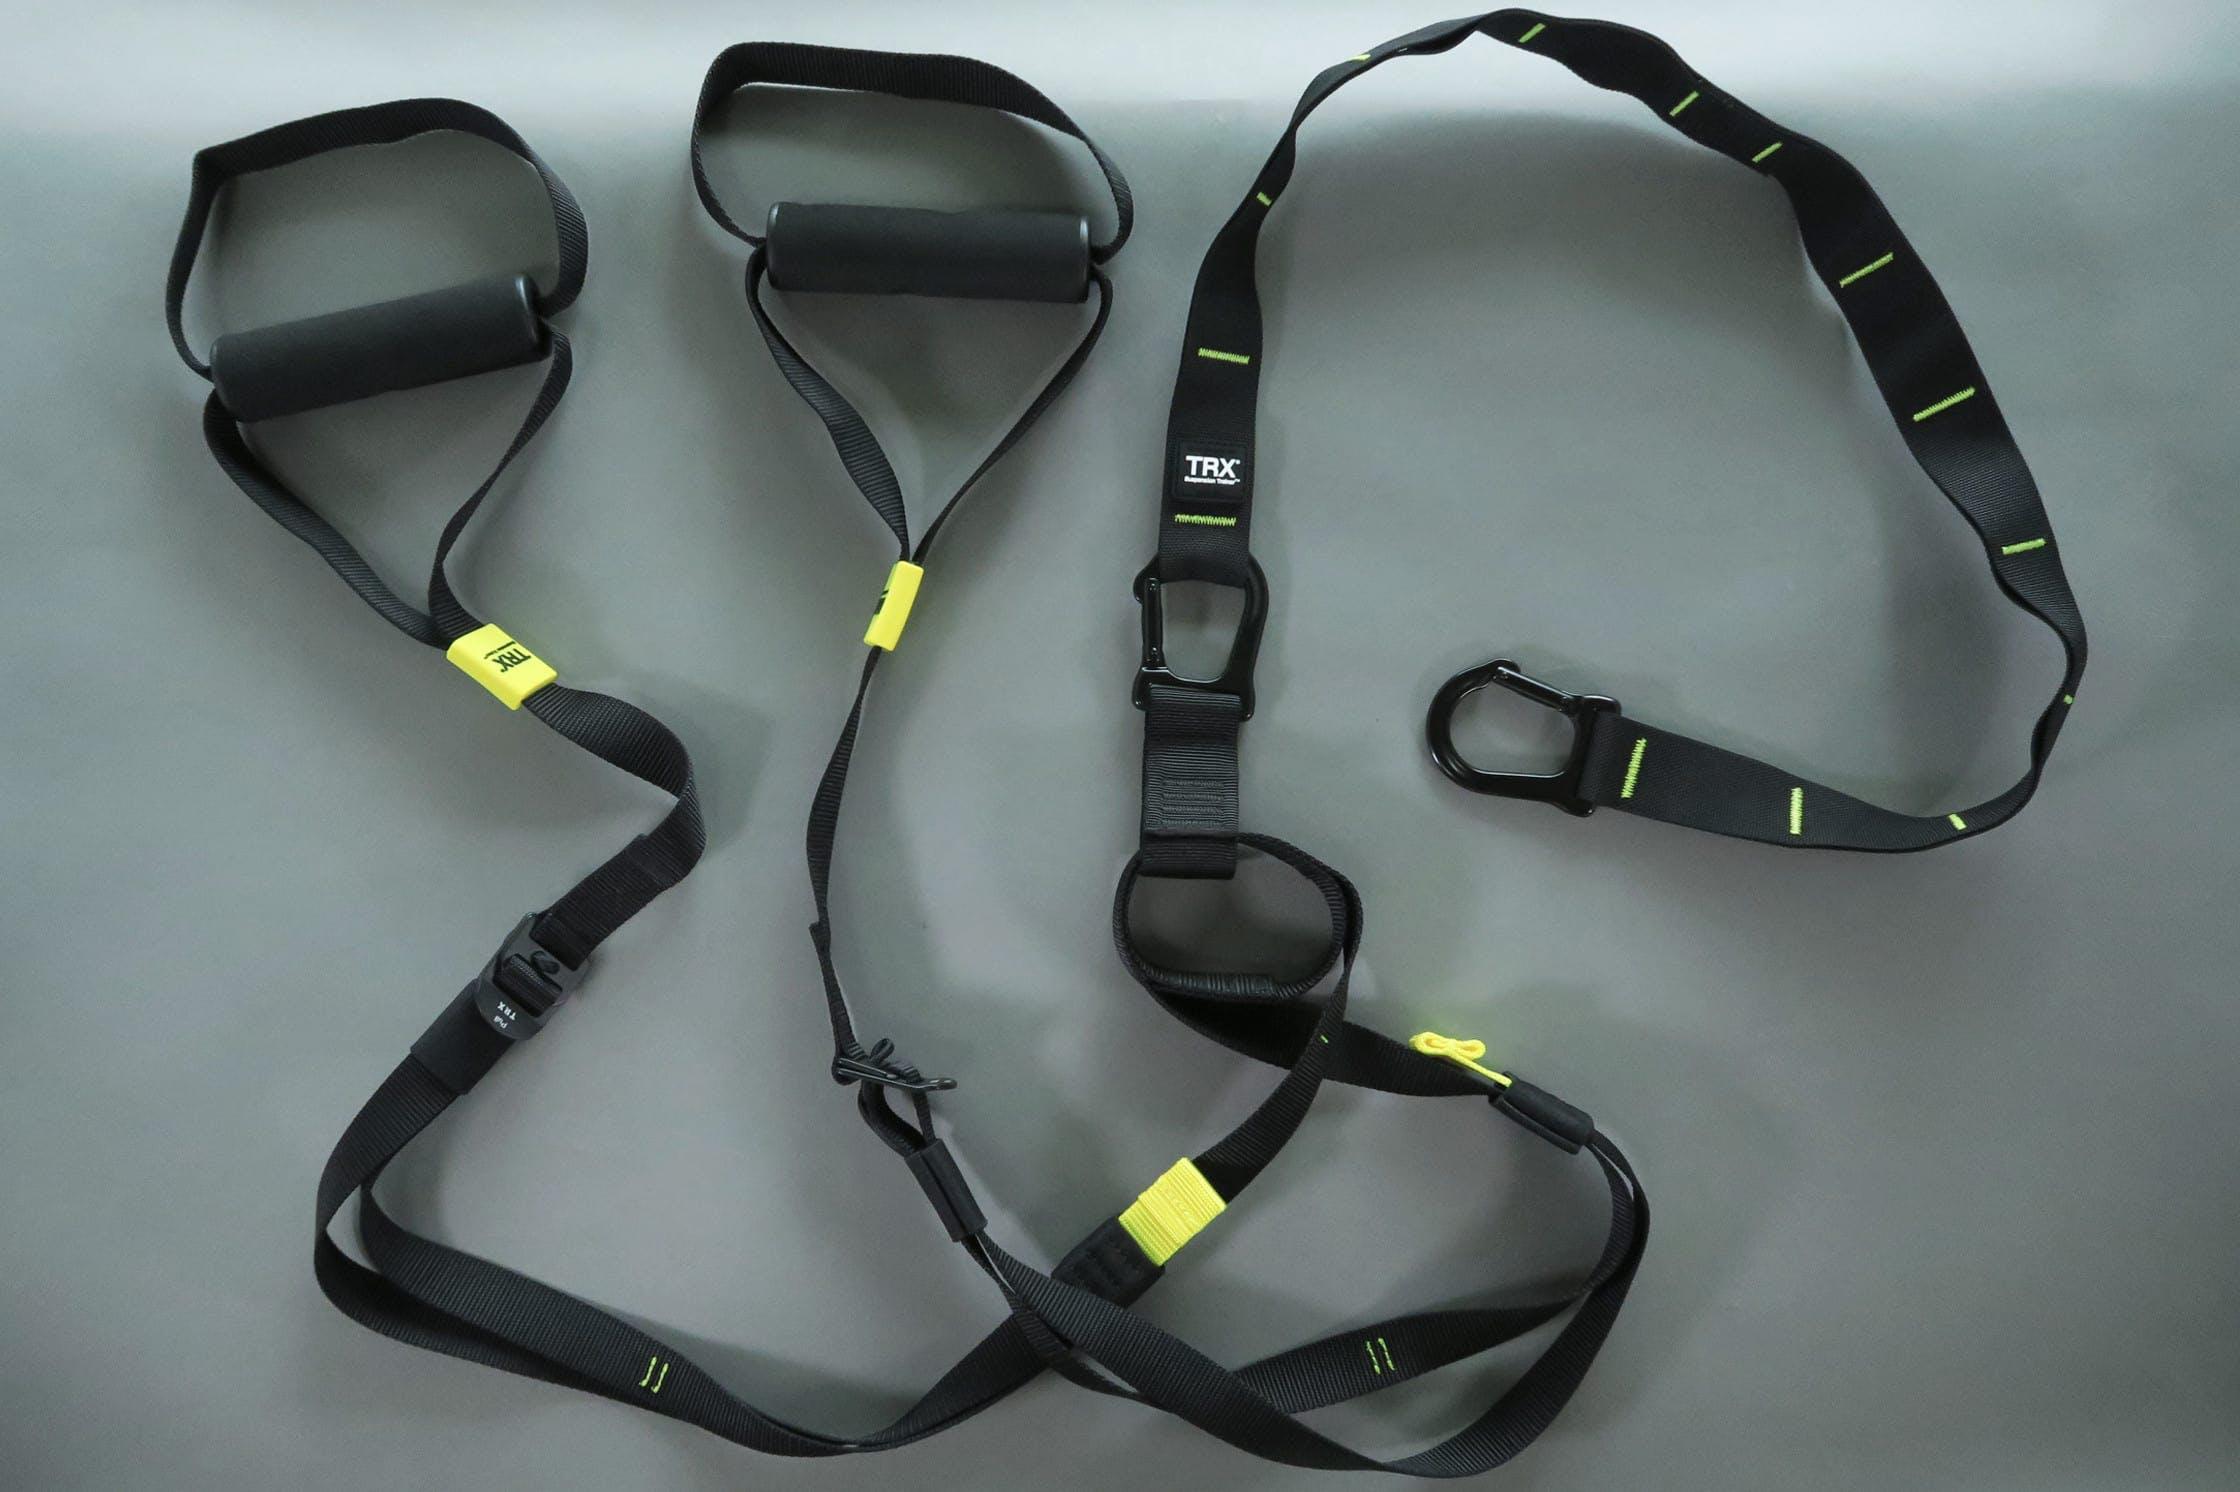 celsius suspension trainer kit review